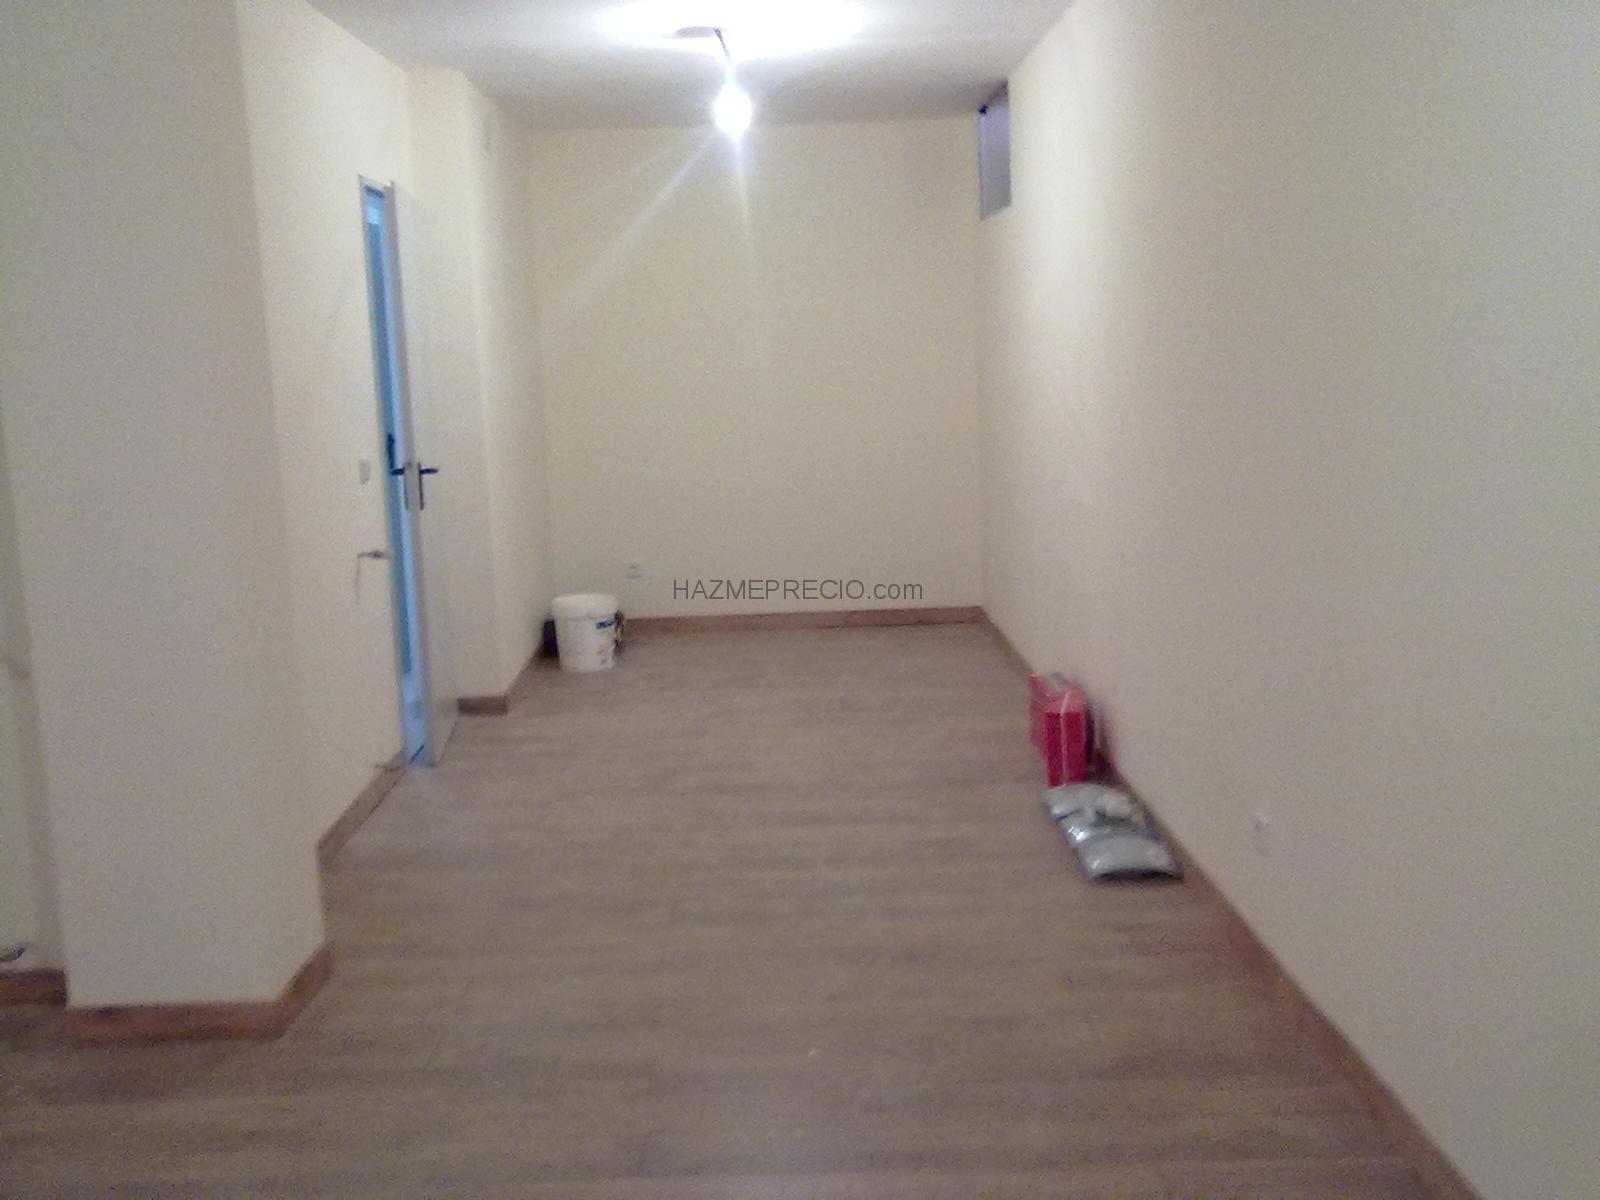 Reformas e instalaciones gumiel 28200 san lorenzo de - Pintura de garaje ...